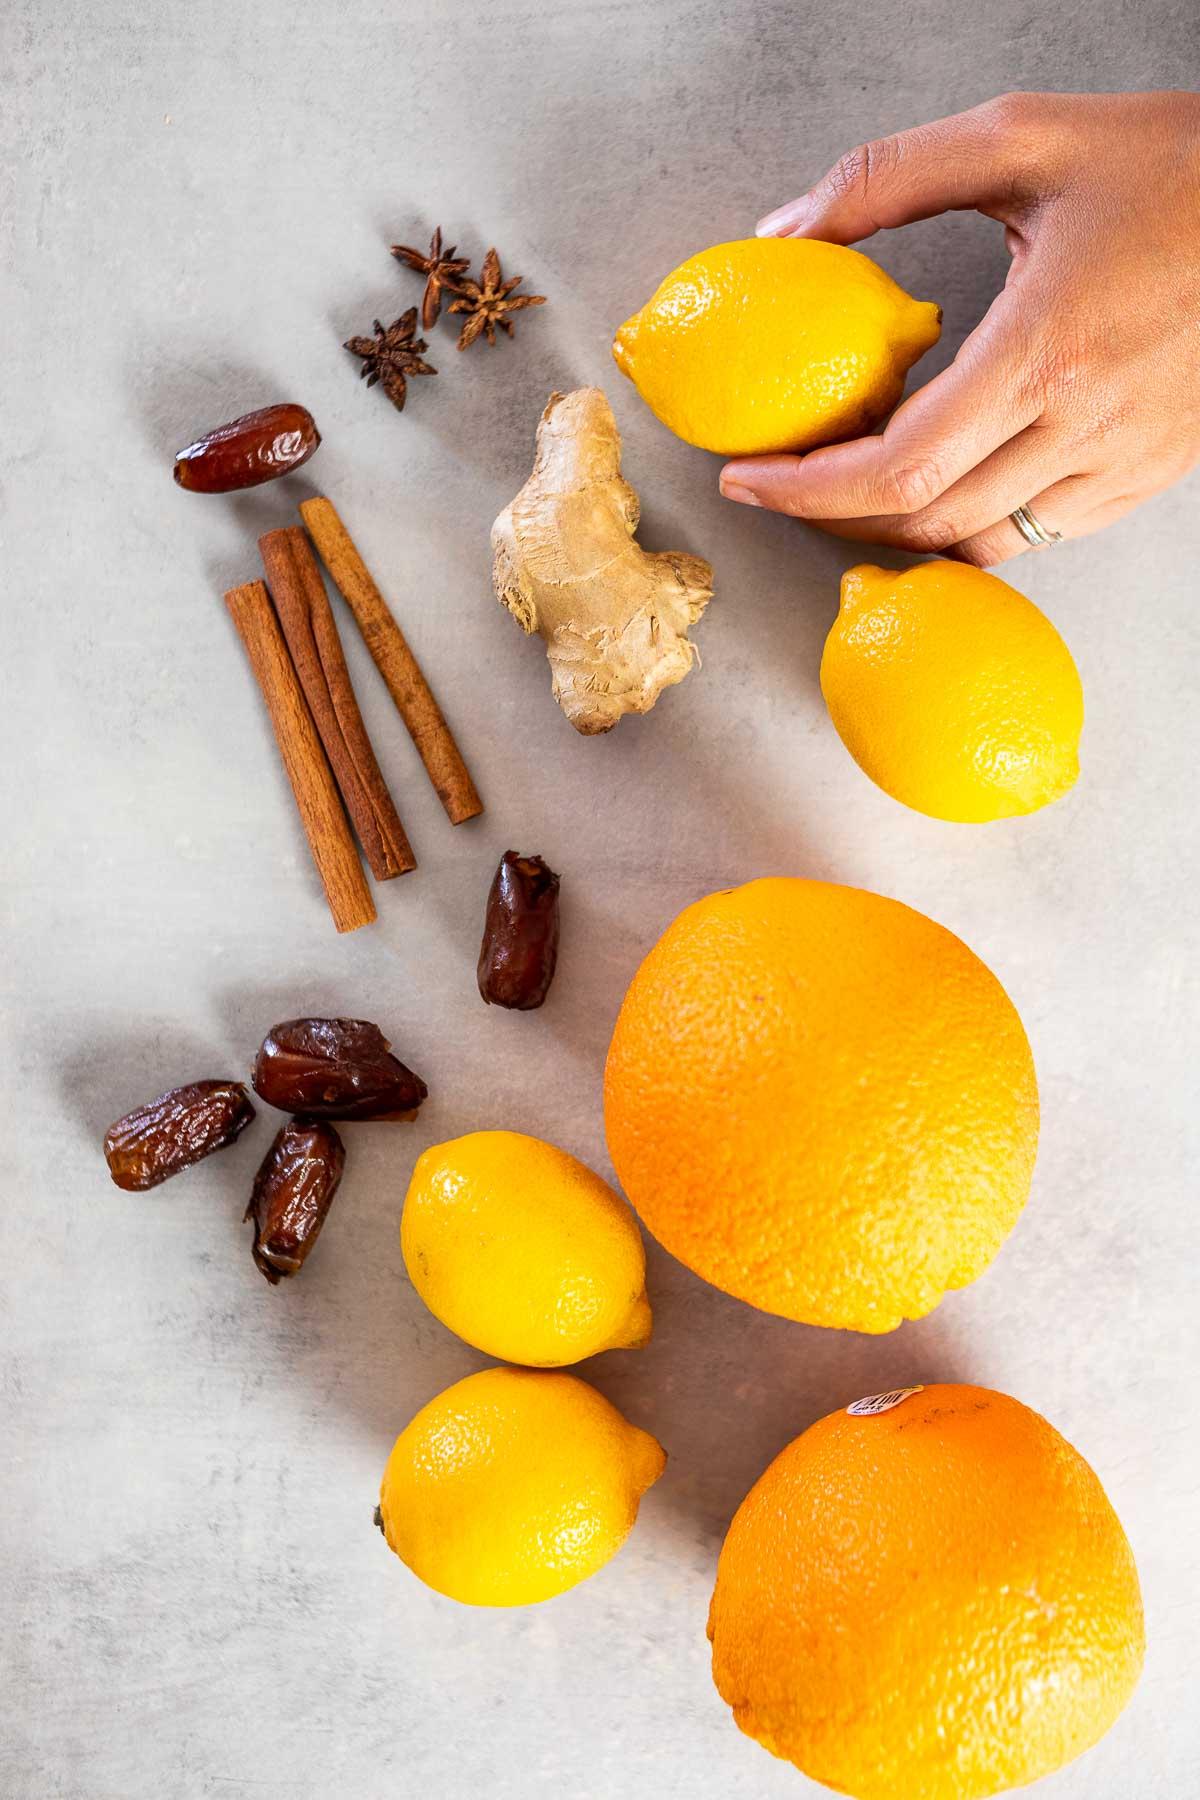 Ingredients shot of the winter lemonade: Anise, cinnamon sticks, dates, lemon, oranges, ginger